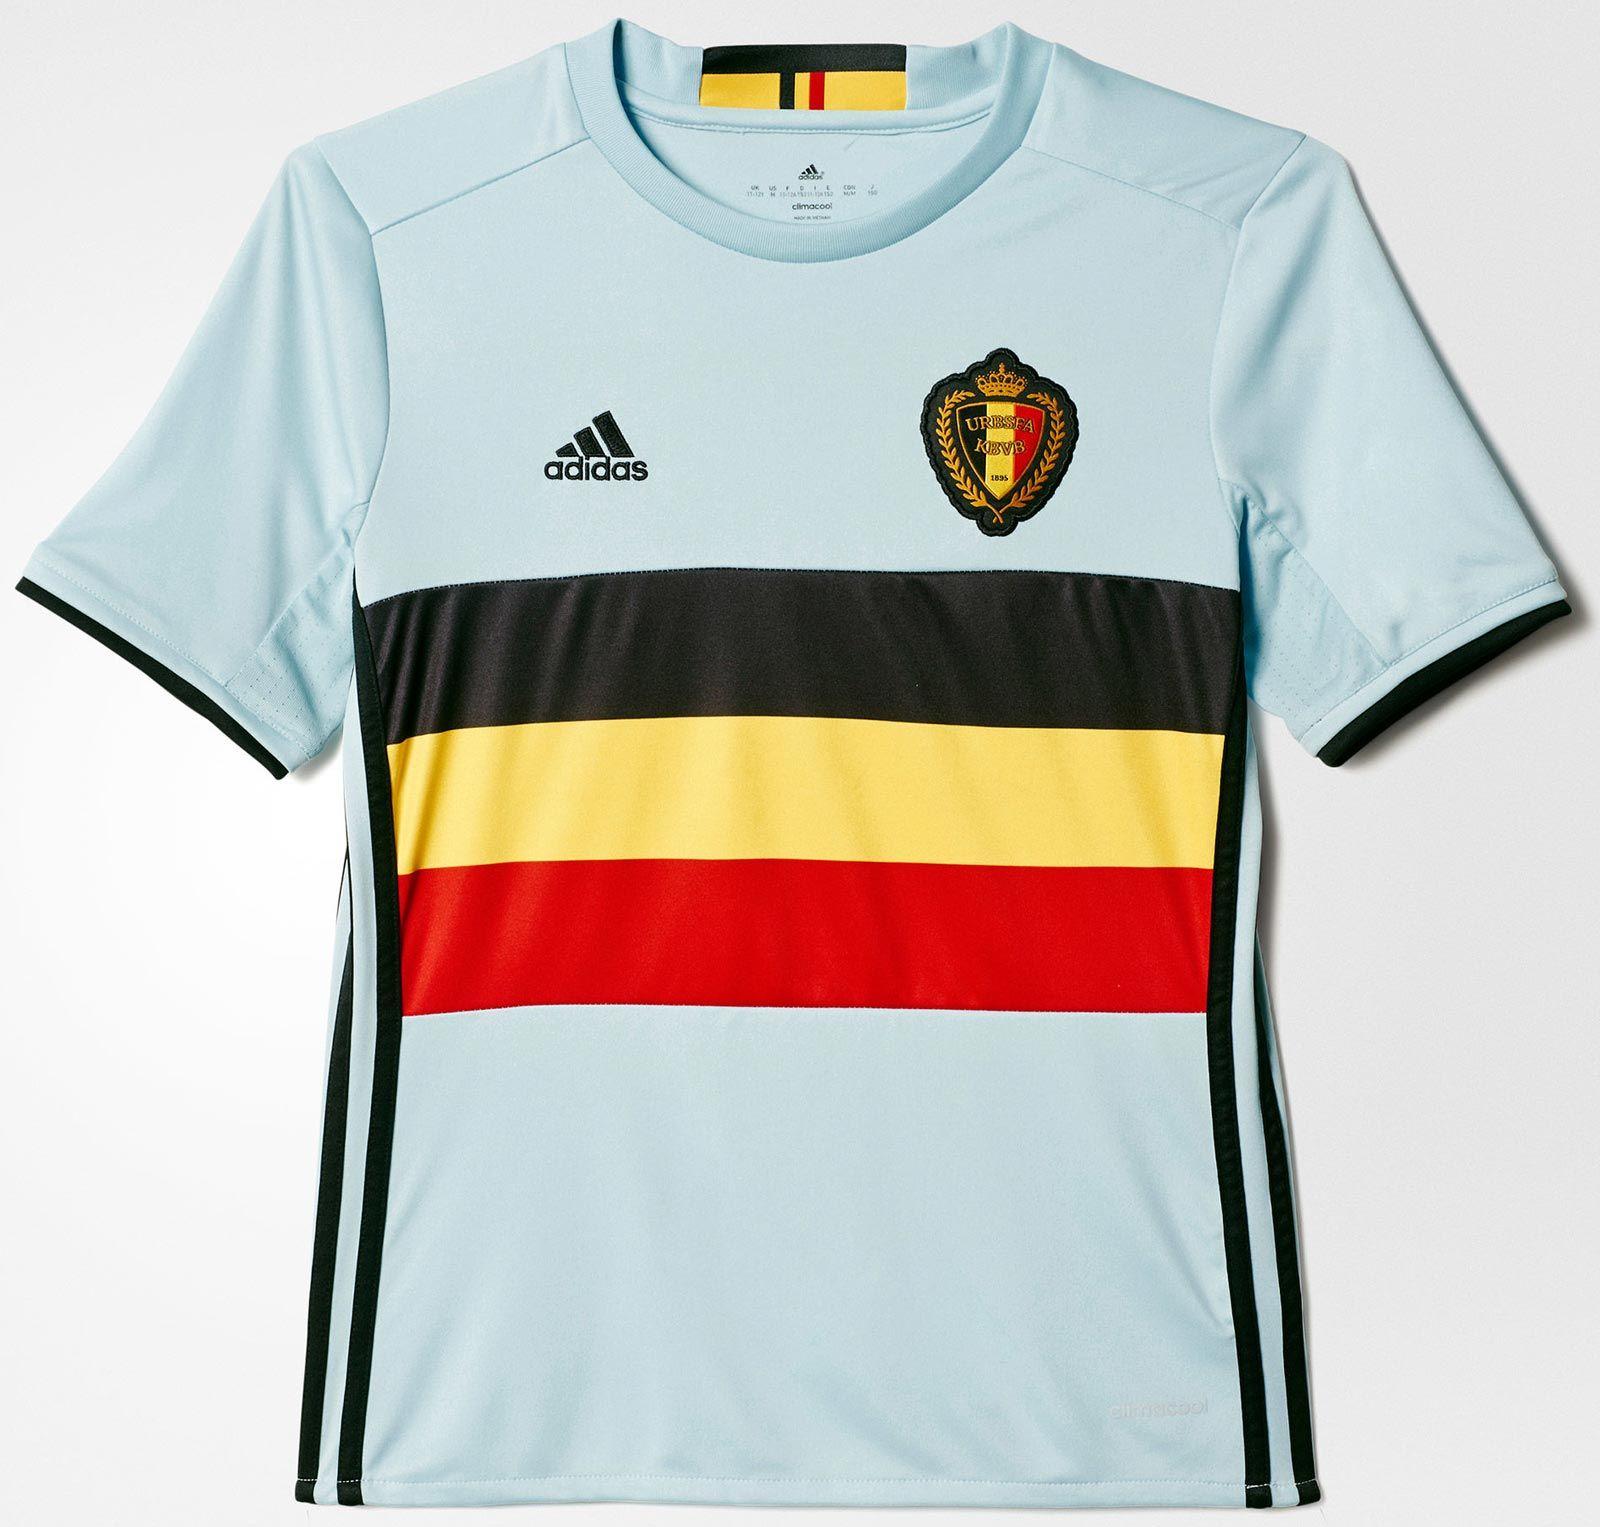 Adidas divulga nova camisa reserva da Bélgica - Show de Camisas ... ce199a9dbd528